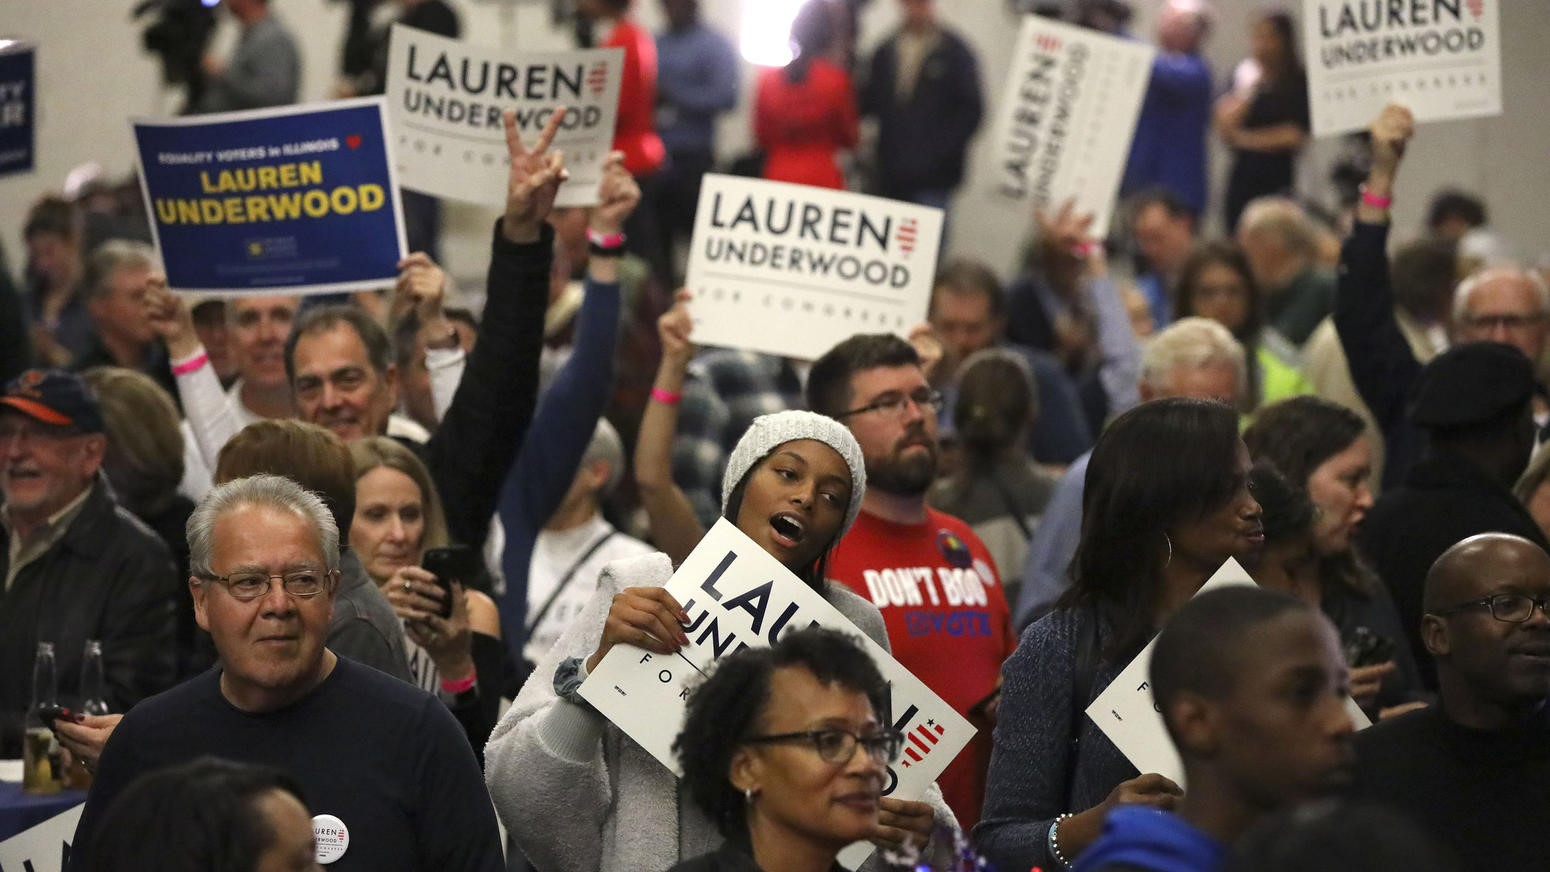 """Parte del muy entusiasta electorado que llevó al triunfo a la enfermera Underwood. Frente al discurso nativista, divisivo y explotador del resentimiento social, utilizado a fondo, de manera cínica y sin cesar por Donald Trump y la ultraderecha, podemos observar que la base social de esta nueva generación de personajes políticos como Underwood tiene una composición diversa, en la que hay mujeres, hombres, jóvenes, adultos, ancianos, """"blancos"""", afroamericanos, latinos, orientales (FUENTE: The Huffington Post)."""